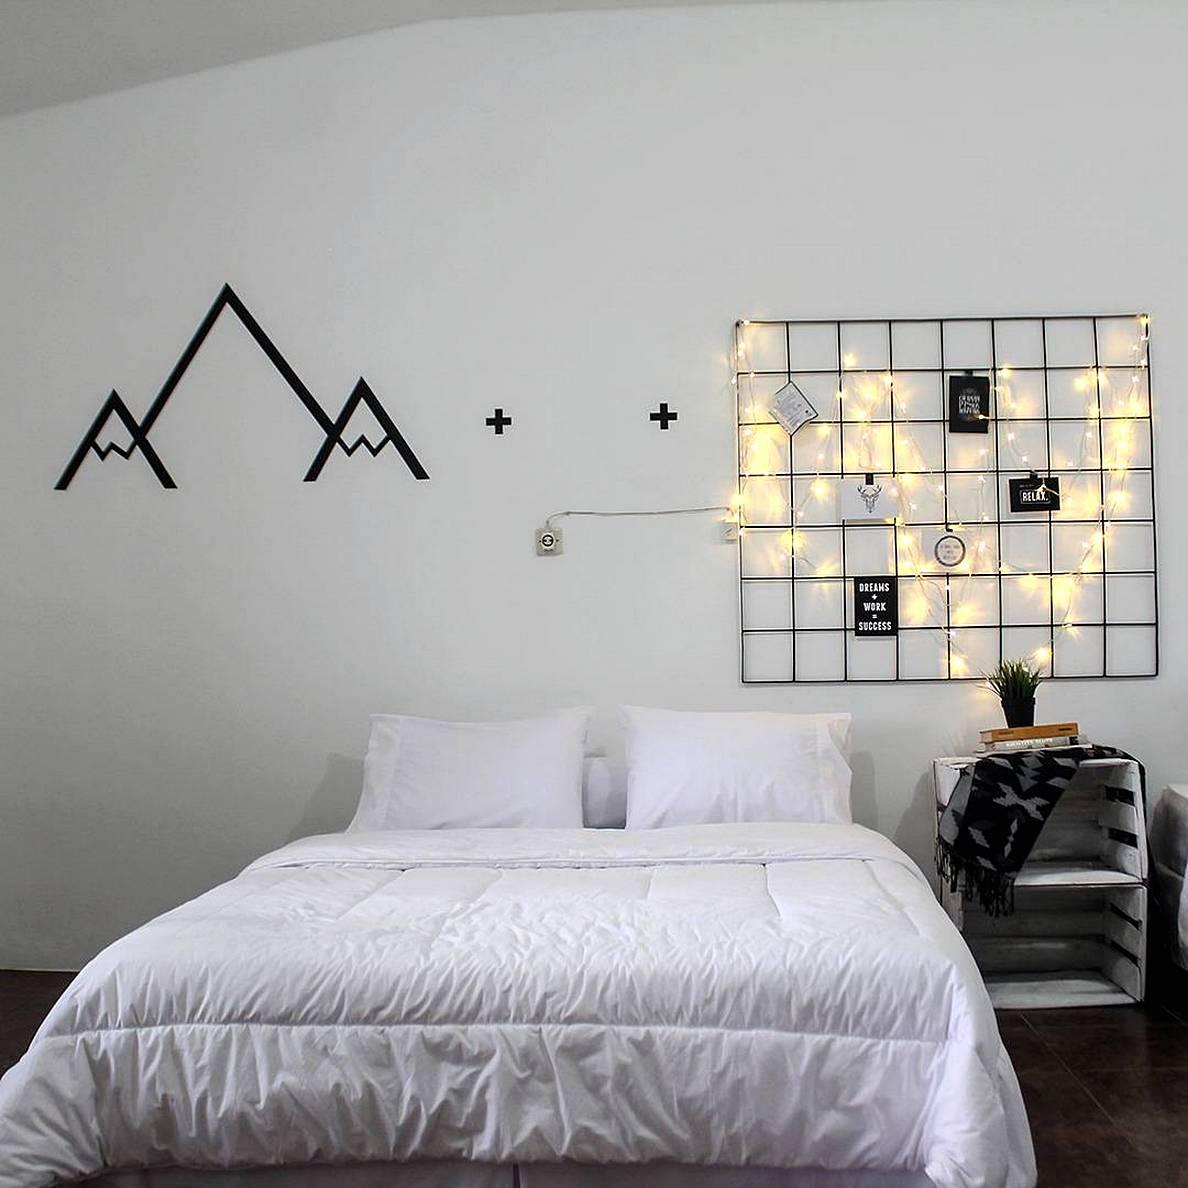 21 Ide Membuat Hiasan Dinding Buatan Sendiri Dari Selotip Terbaru